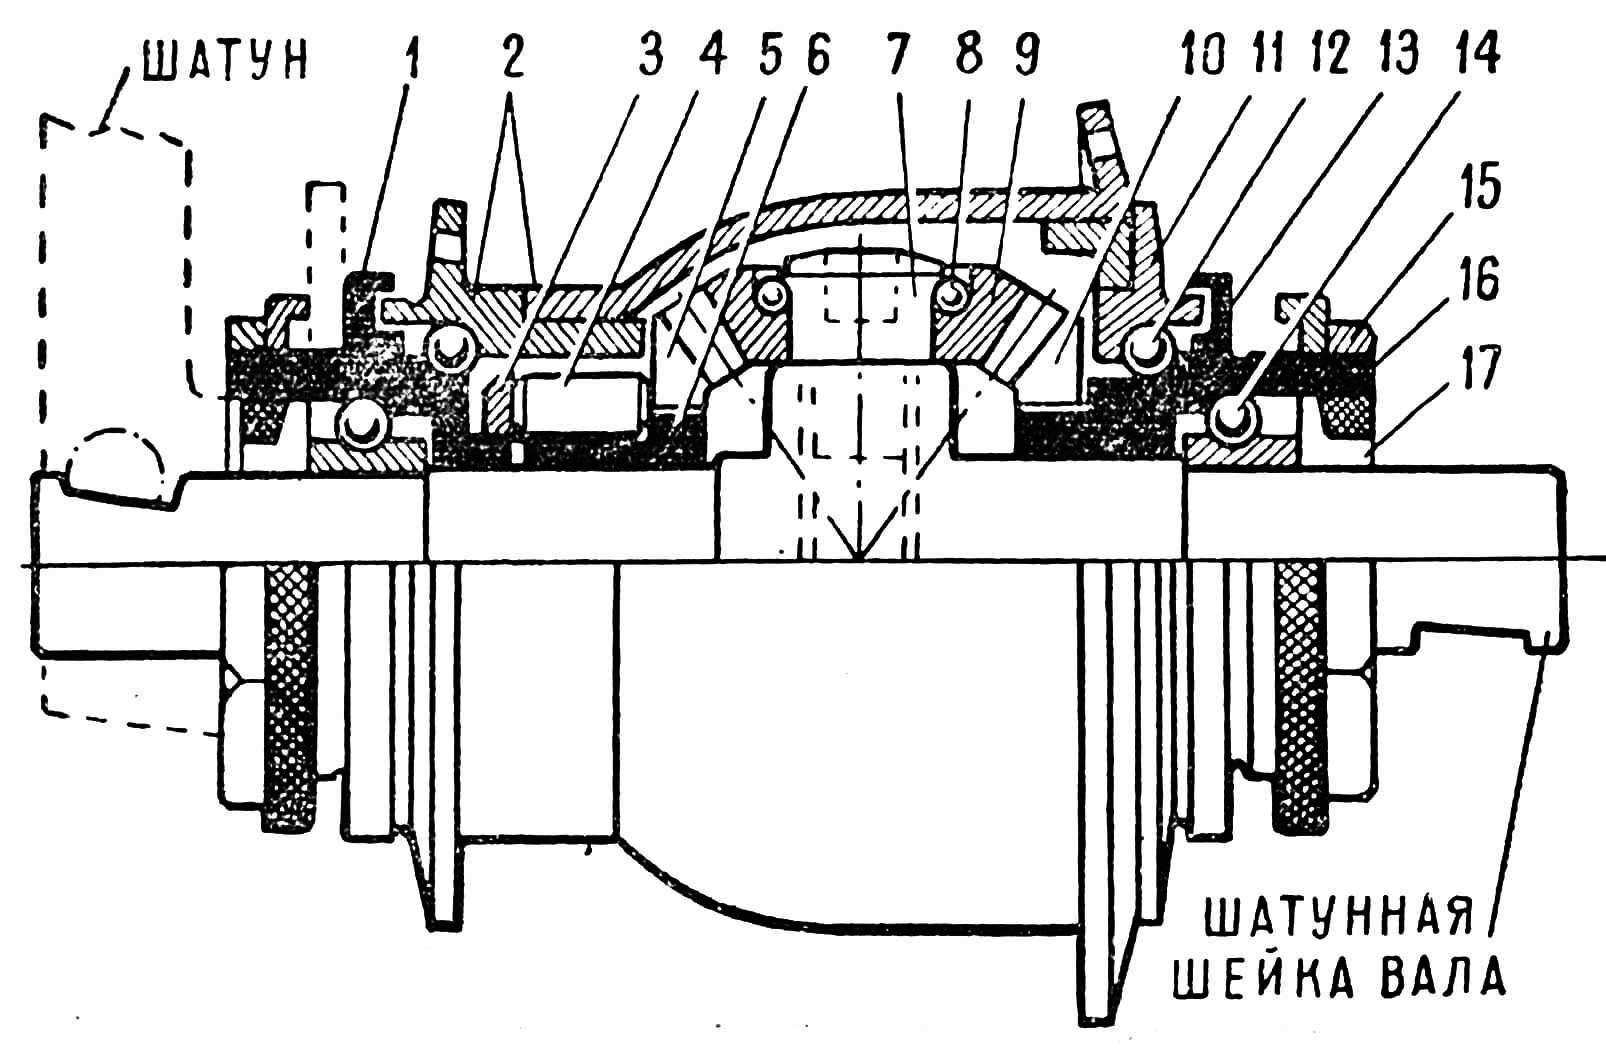 Рис. 2. Конструкция ведущей втулки (редуктора): 1 — ось педалей, 2 — неподвижная шестерня, 3 — шарикоподшипник планетарной шестерни, 4 — шестерня, 5 — сателлитная шестерня, 6 — обойма, 7 — промежуточная втулка, 8 — подшипник, 9 — роликовый подшипник, 10 — сателлитная шестерня, 11 — корпус левый, 12 — ступица, 13 — наружная обойма шарикоподшипника редуктора, 14 — шарикоподшипник механизма свободного хода, 15 — запорный конус, 16 — перо вилки, 17 — муфта.